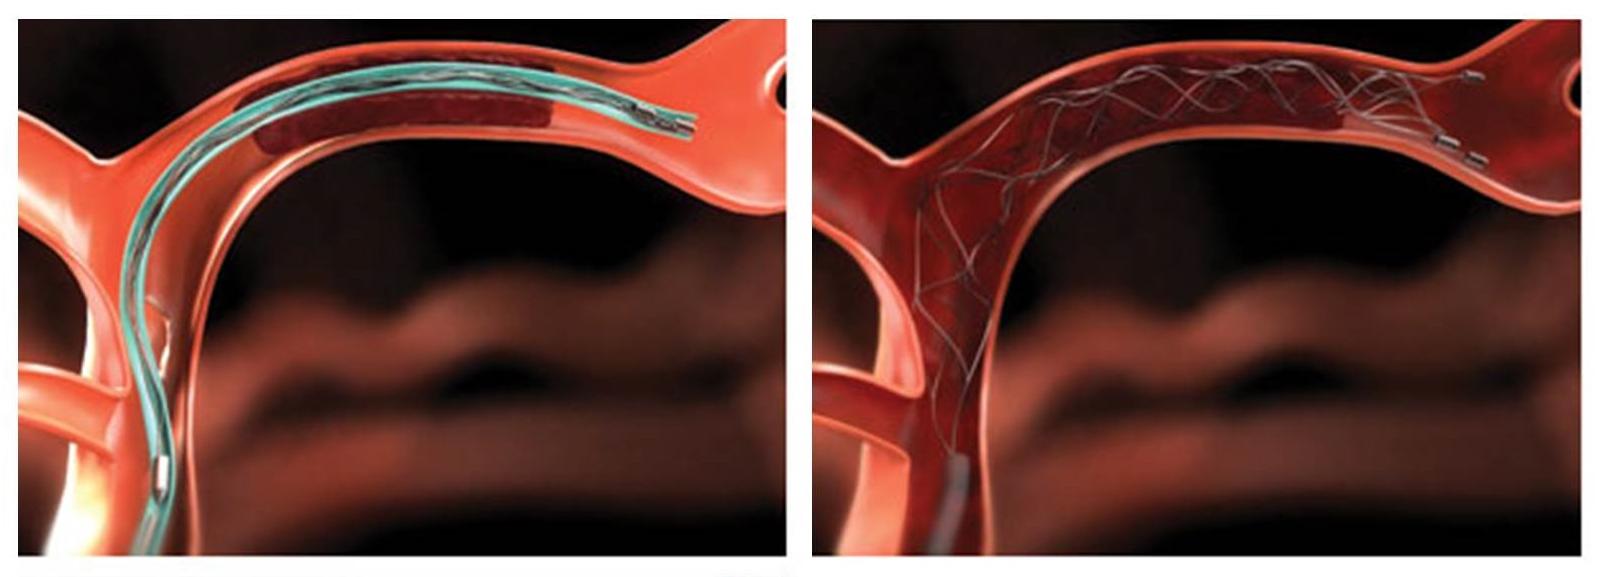 Schematic of clot retriever